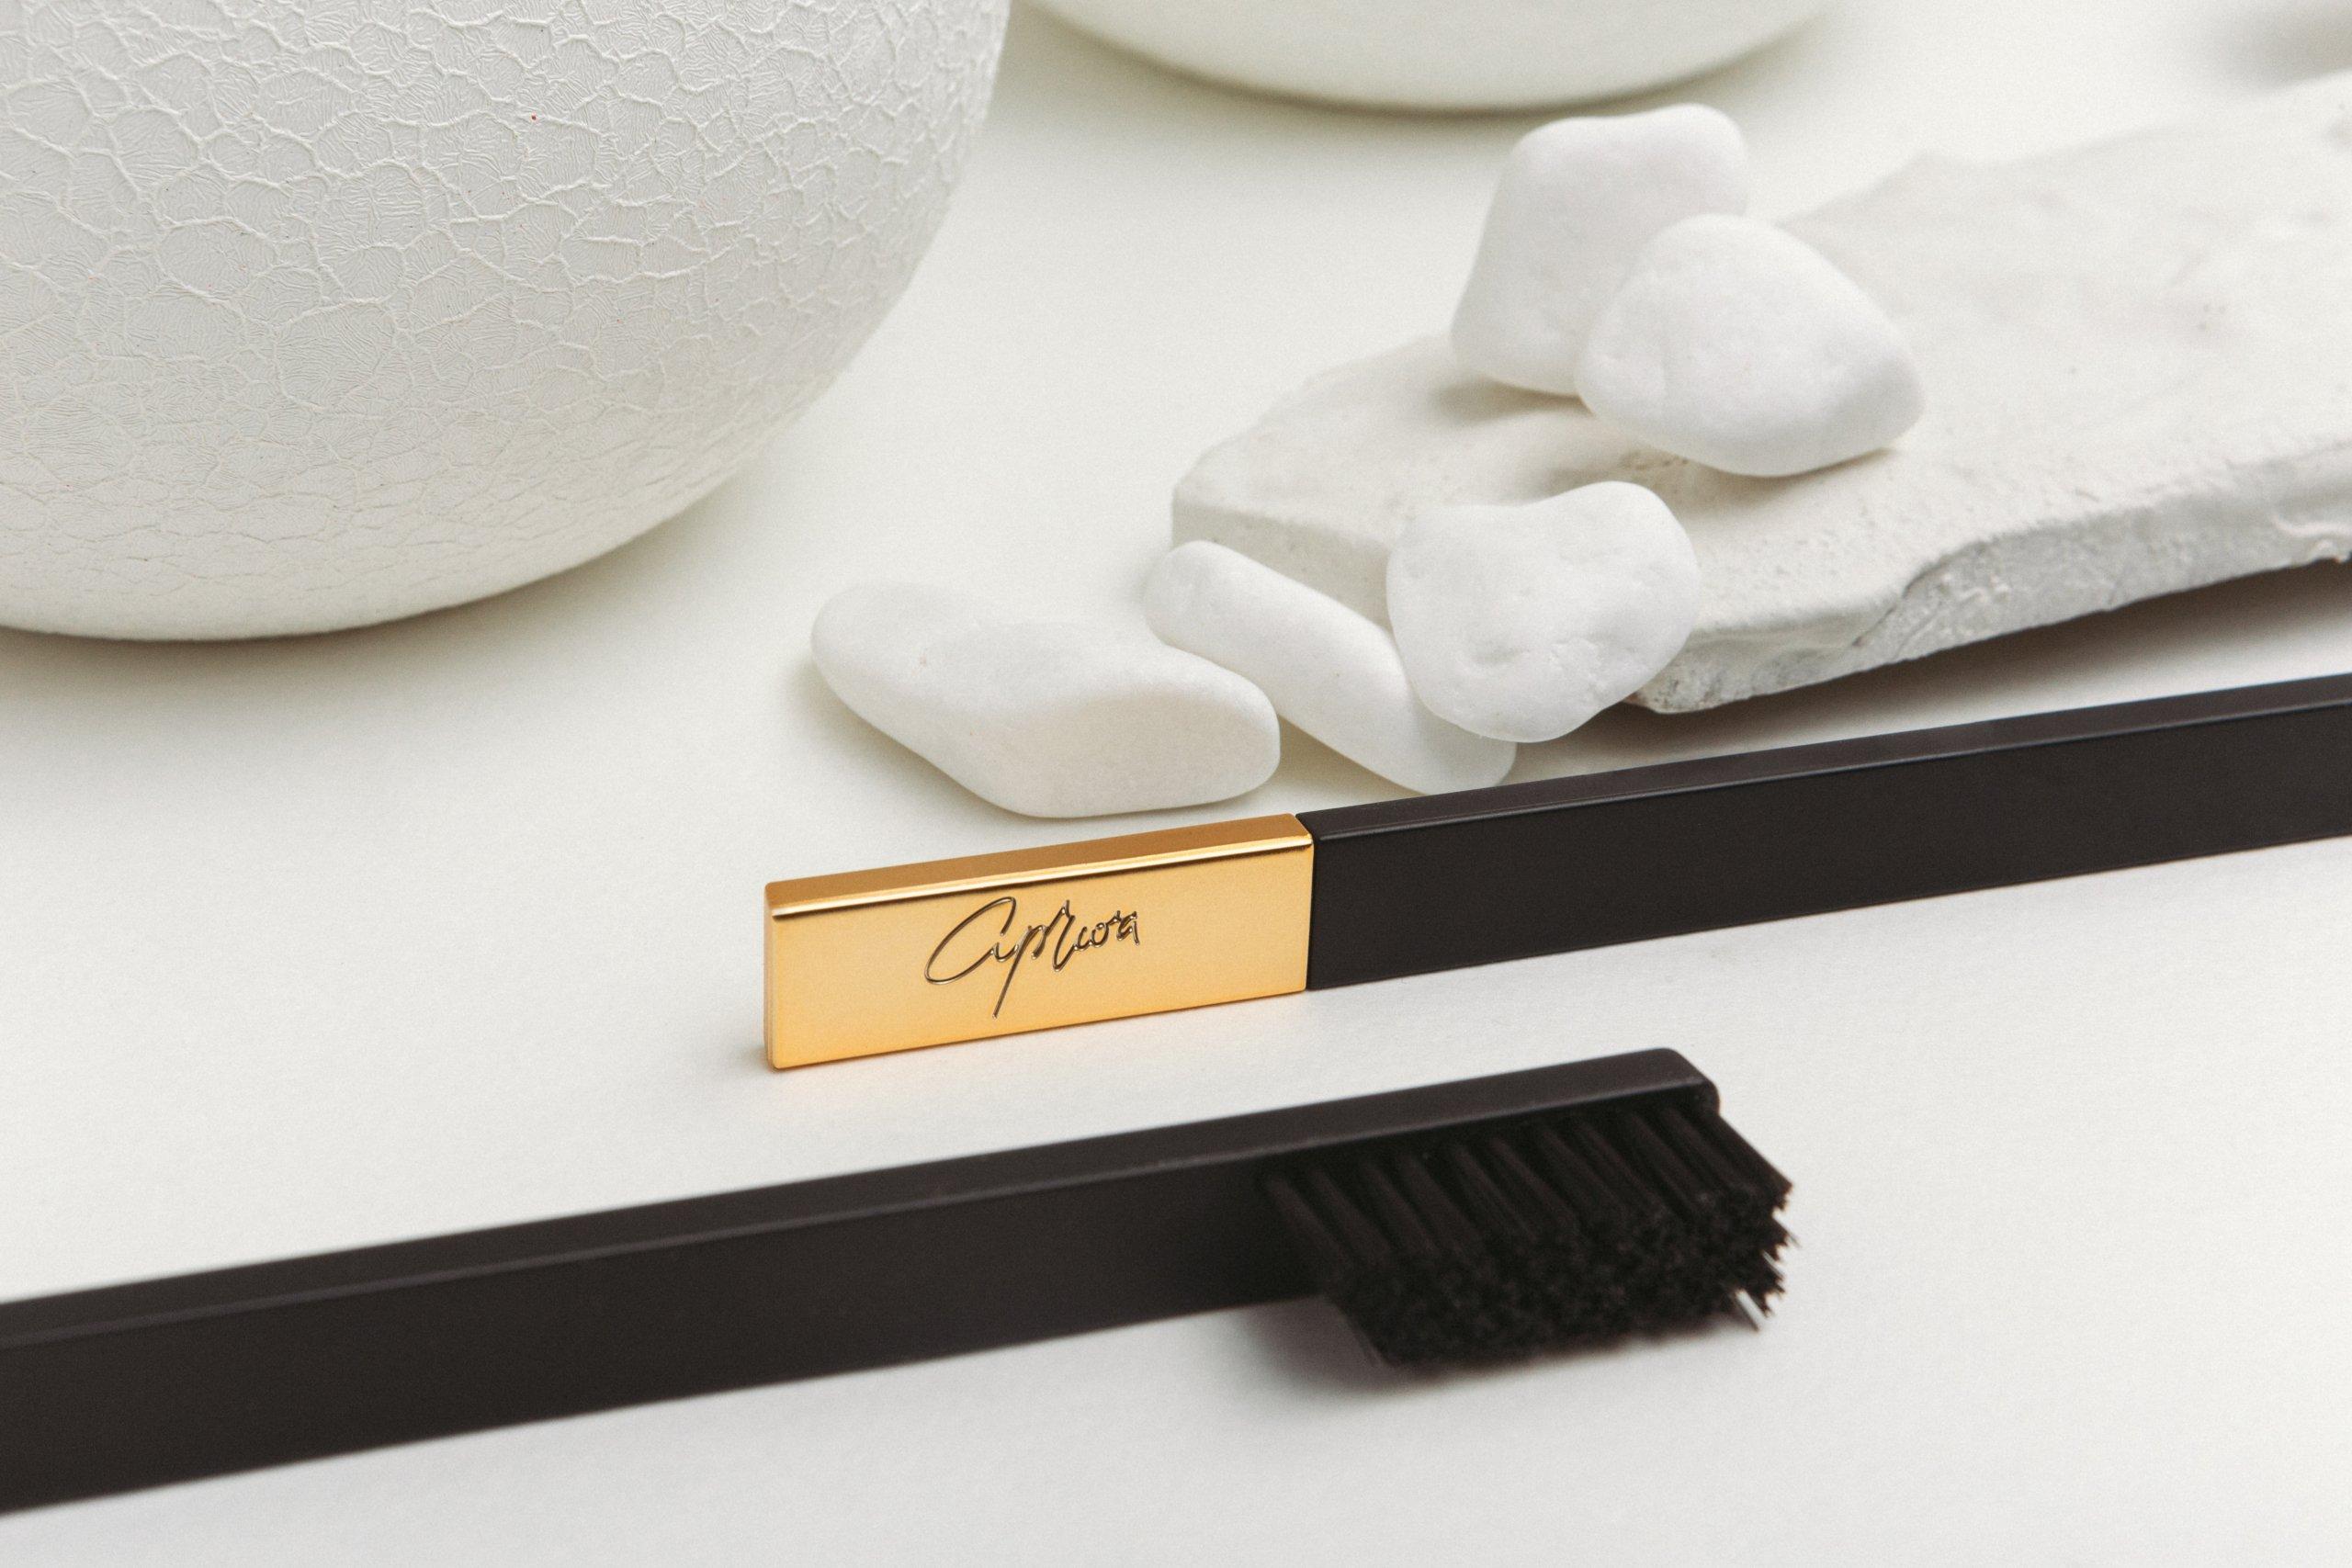 Зубная щетка Slim by Apriori получившая Red Dot Design Award